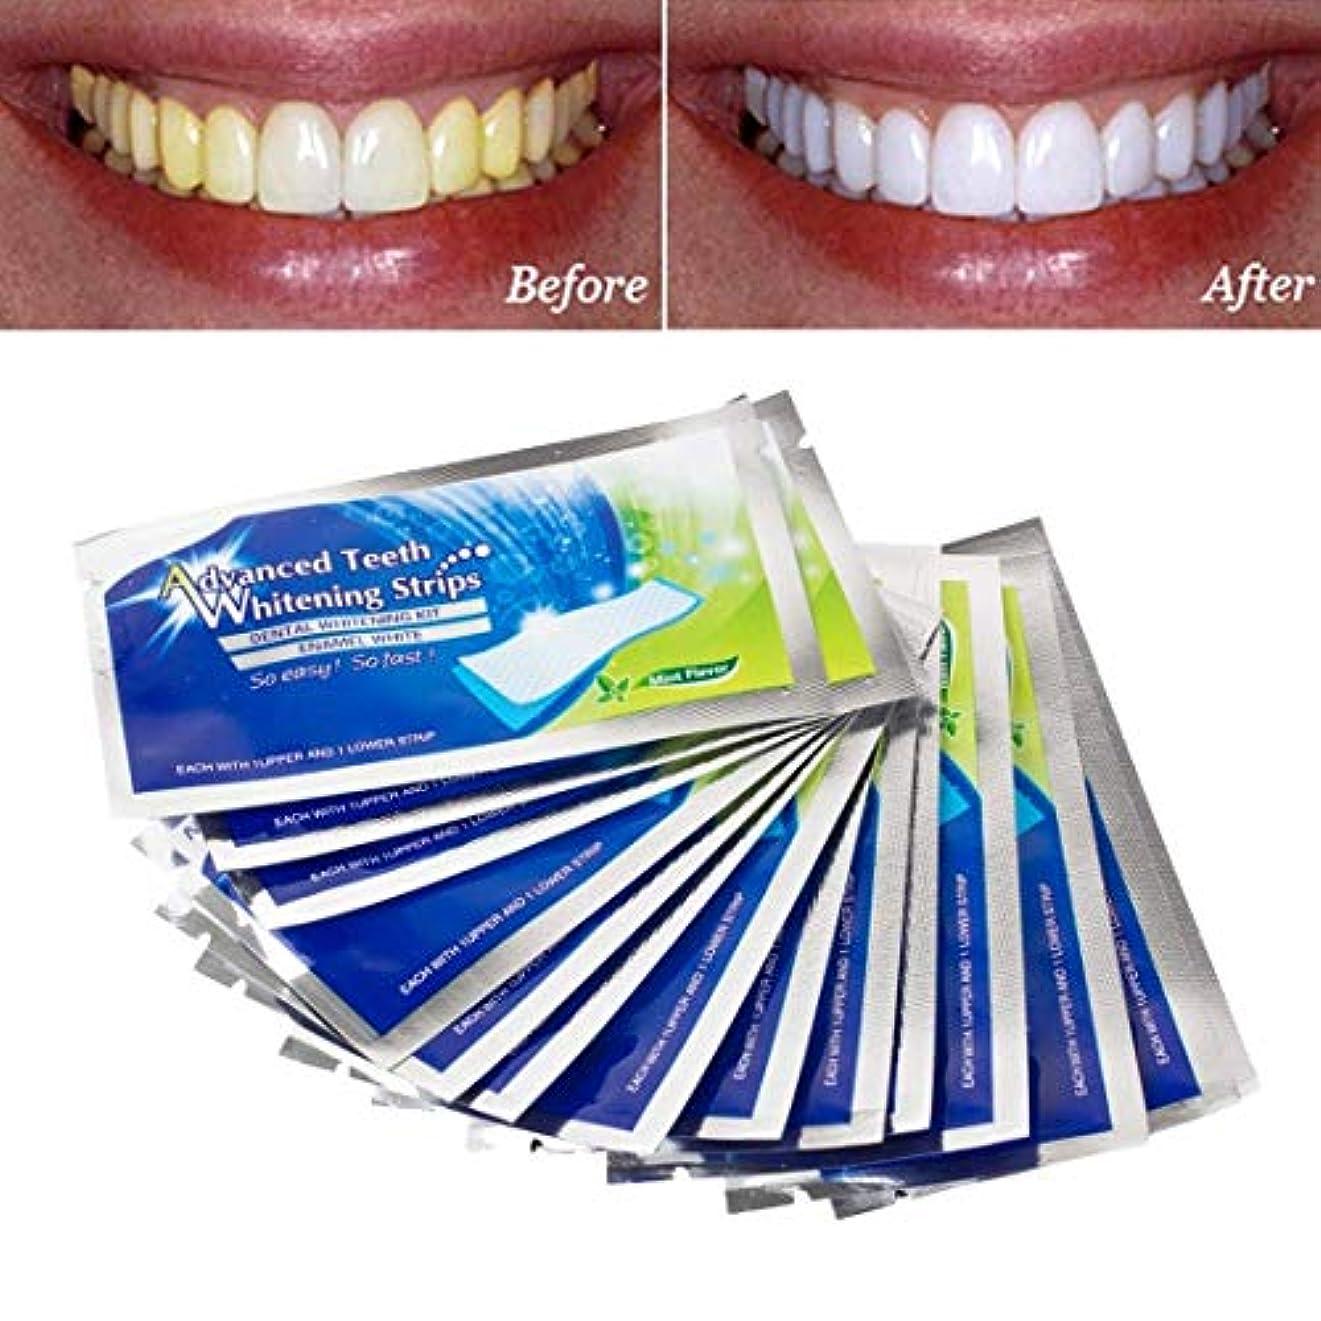 海洋百万ランクストリップホワイトニングキット/ 14 PCSアドバンスト効果的な歯科ホワイトニングキットミントフレーバーの歯を白くするツール/歯のクリーニング歯